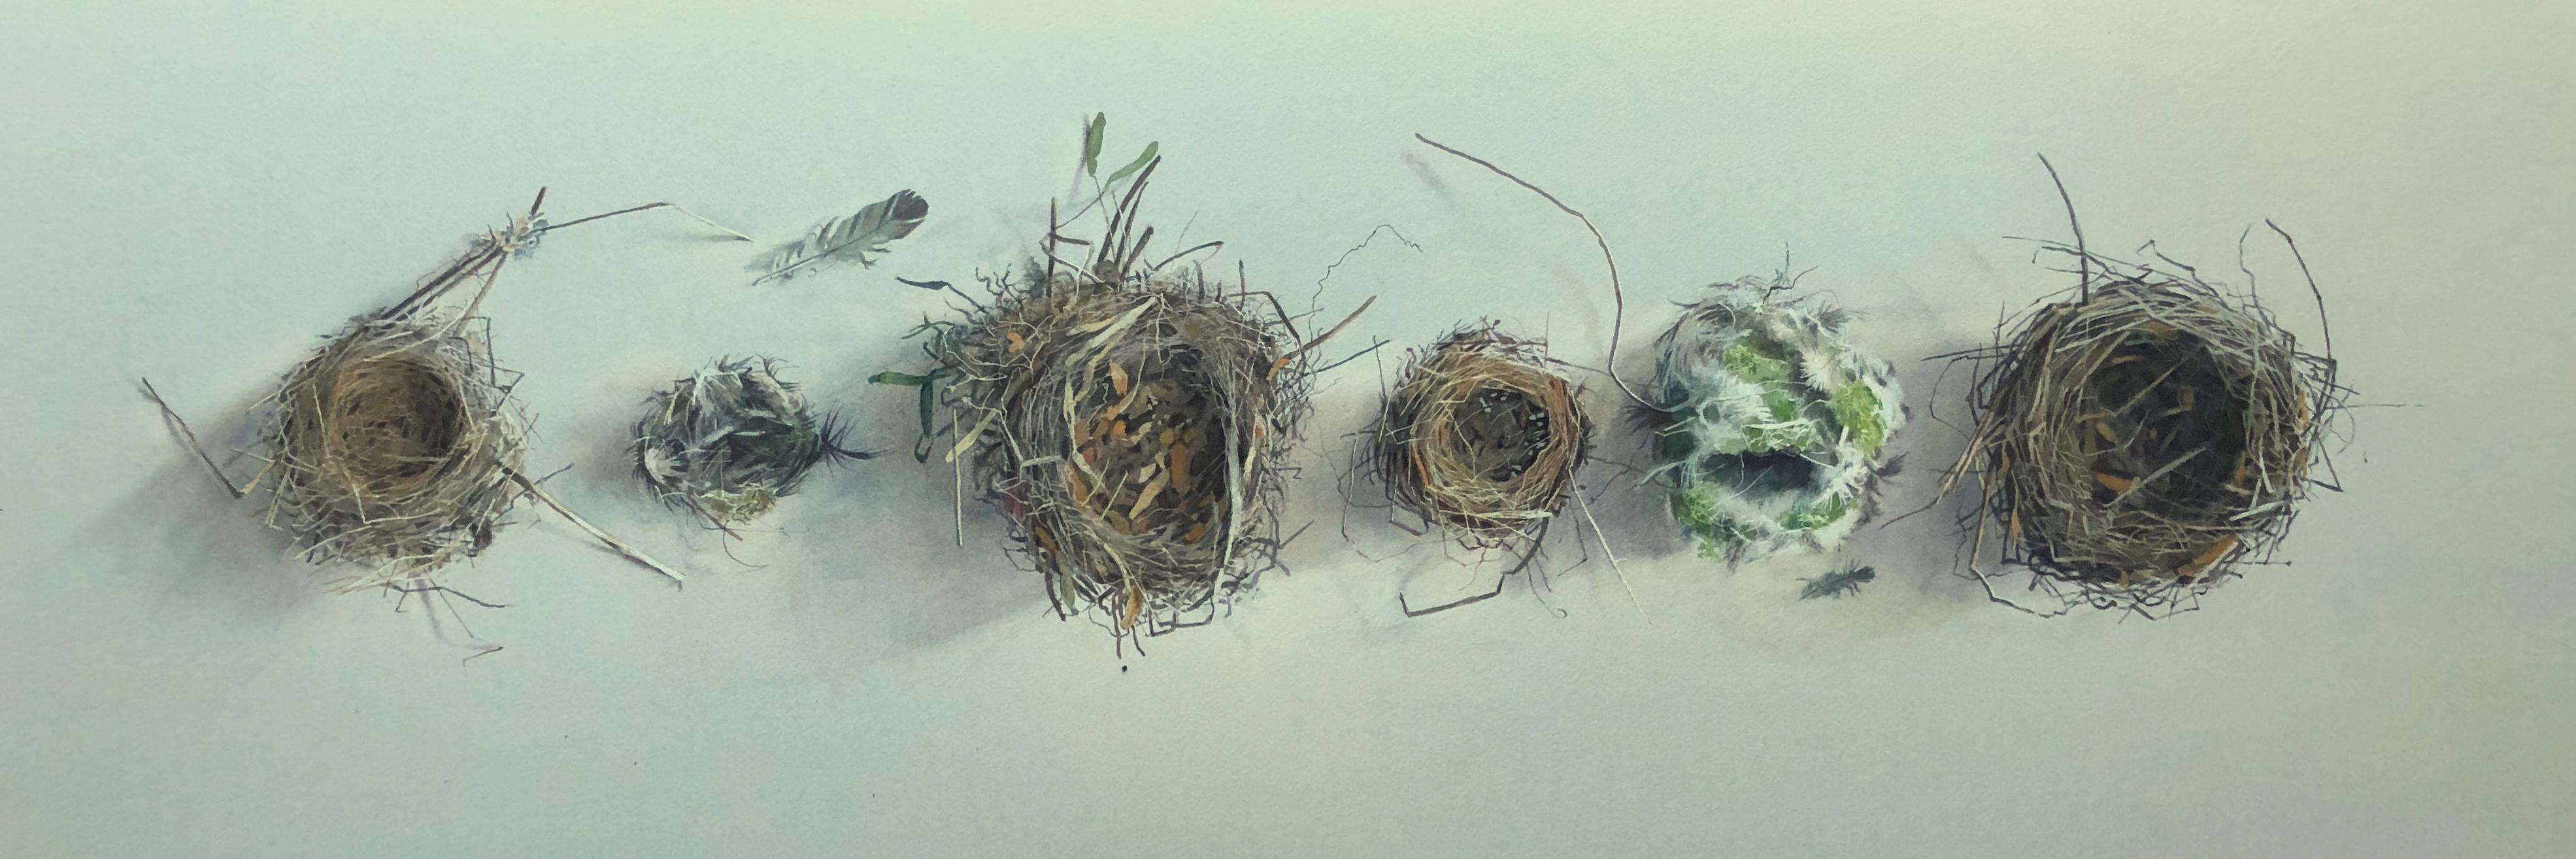 Empty nests 31 x 95cm